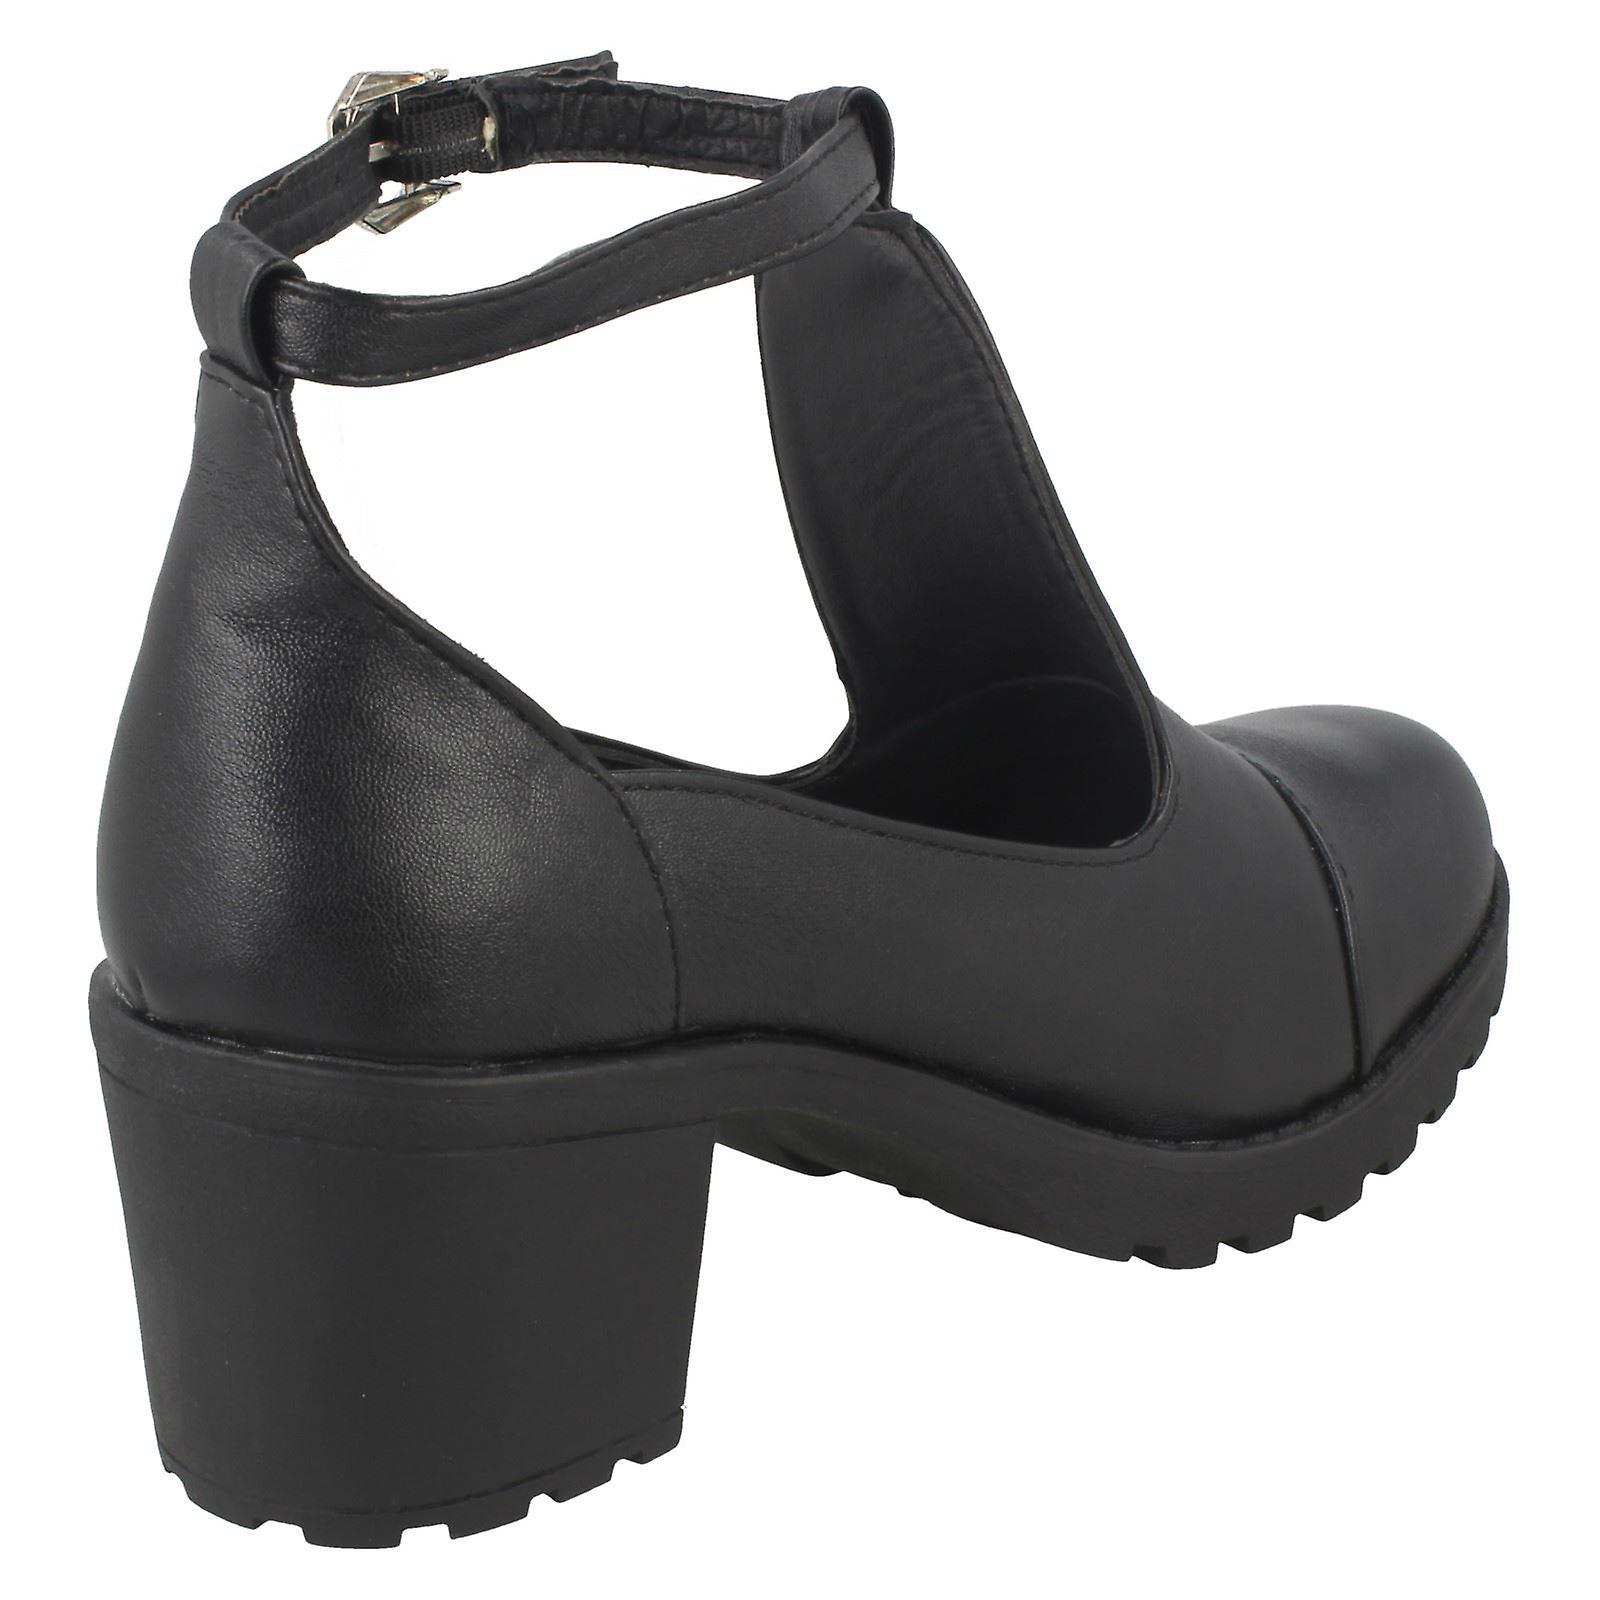 Meisjes rode Tag schoenen H3030 - Gratis verzending y7FWwT